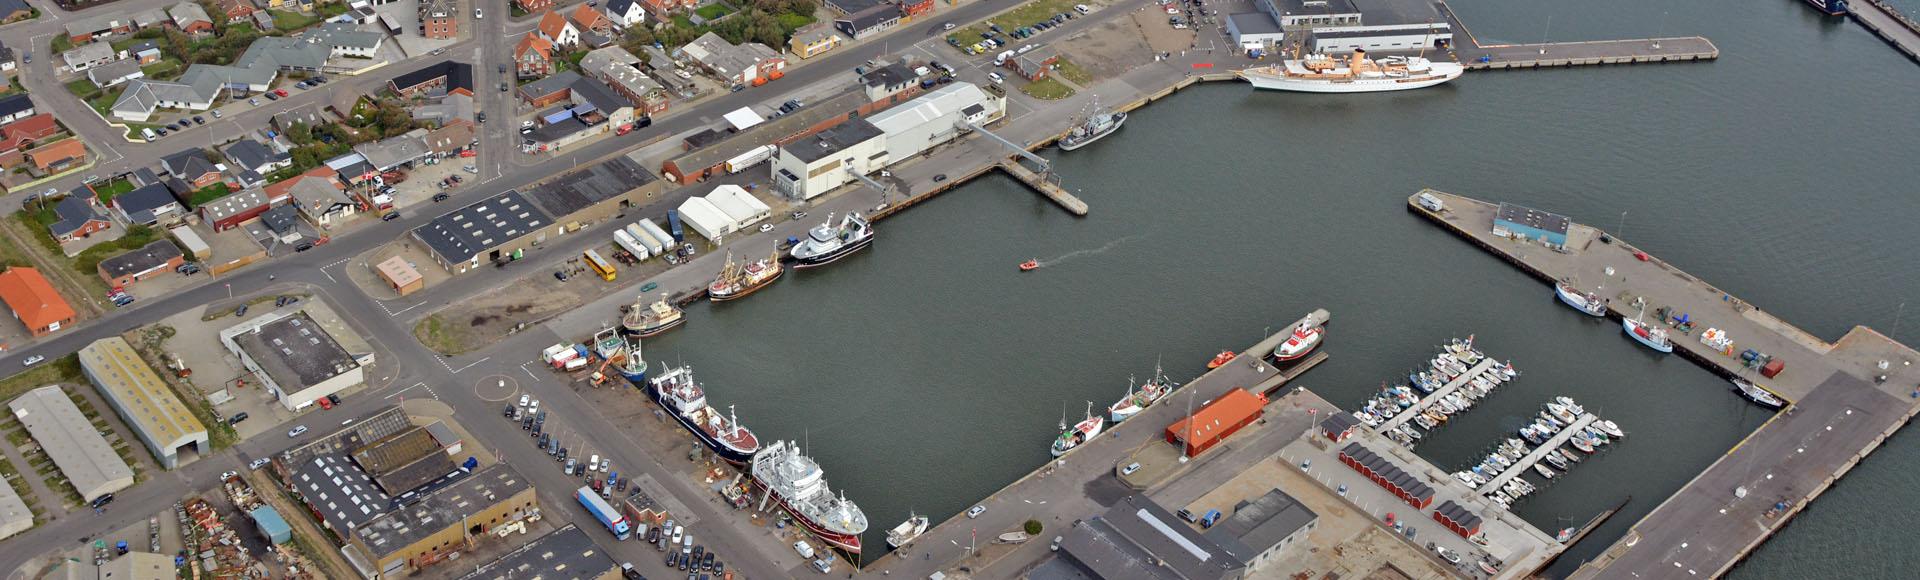 Luftfotos fra området